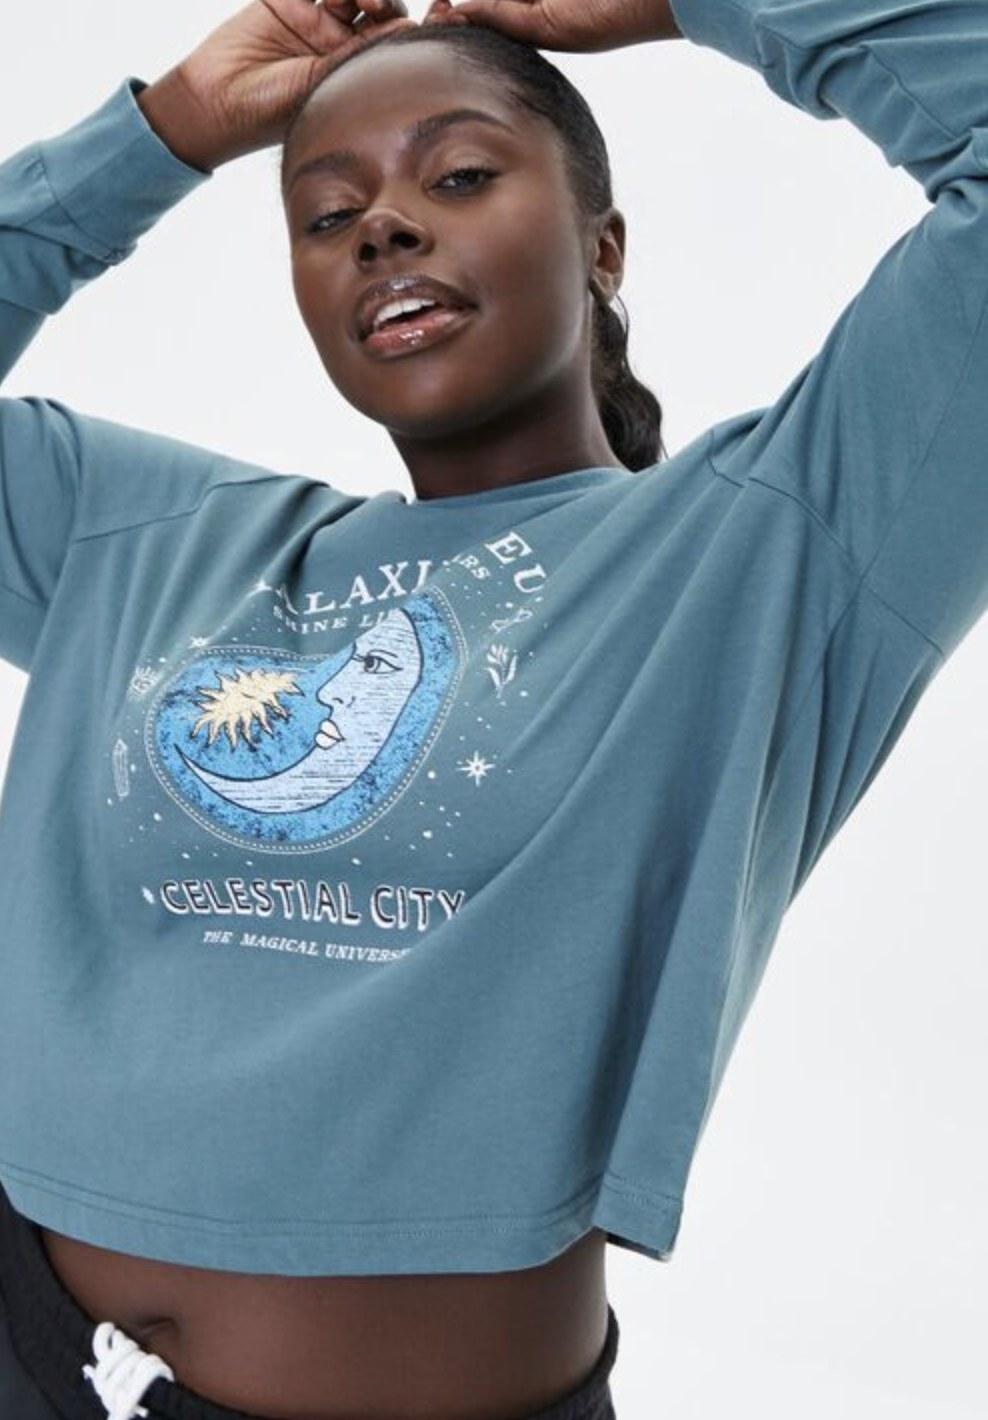 Model is wearing a pale blue sweatshirt